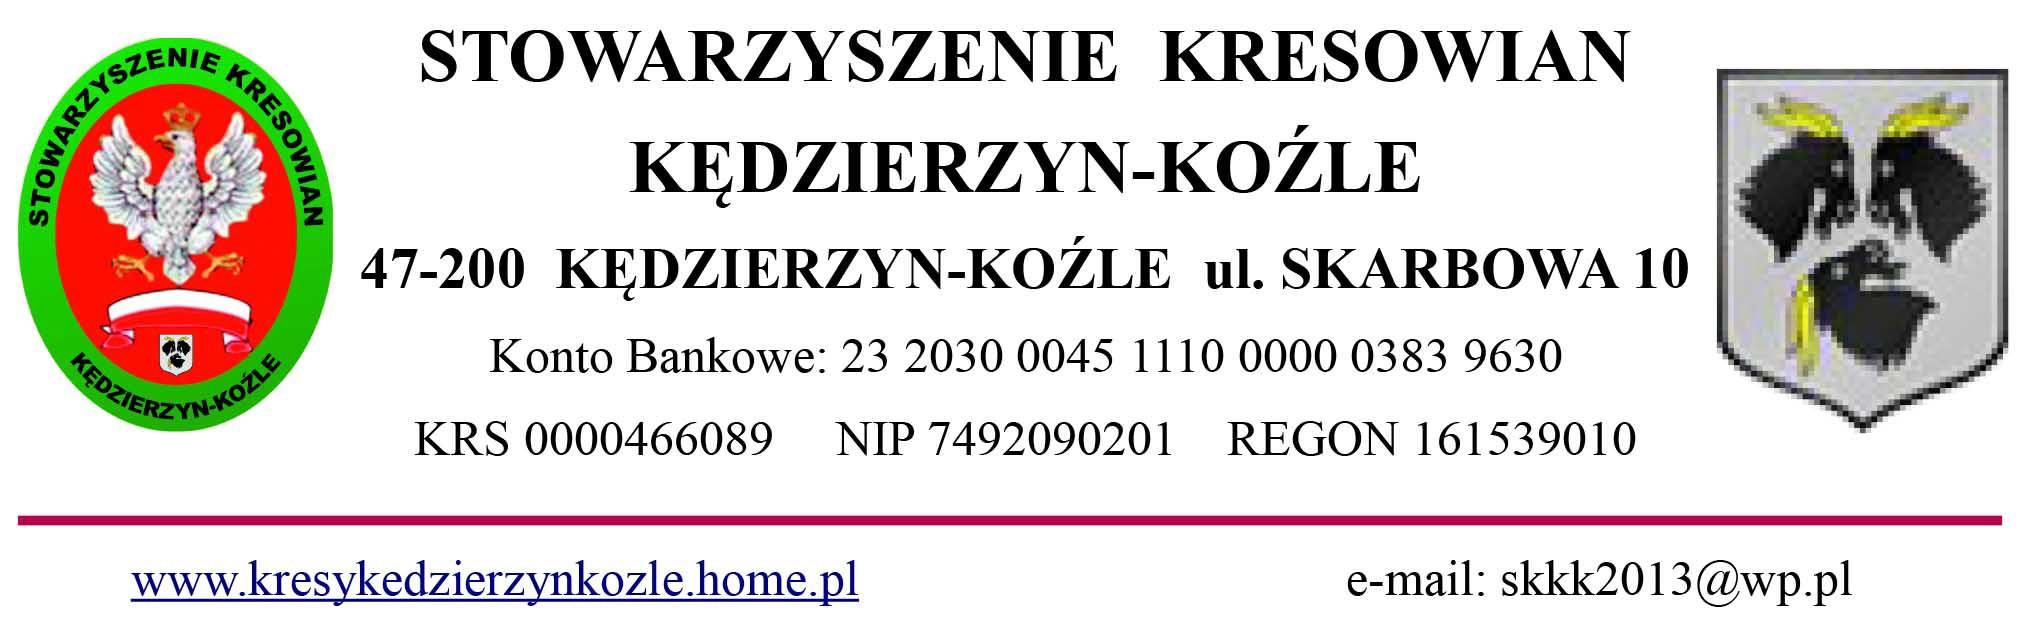 naglowek_pisma